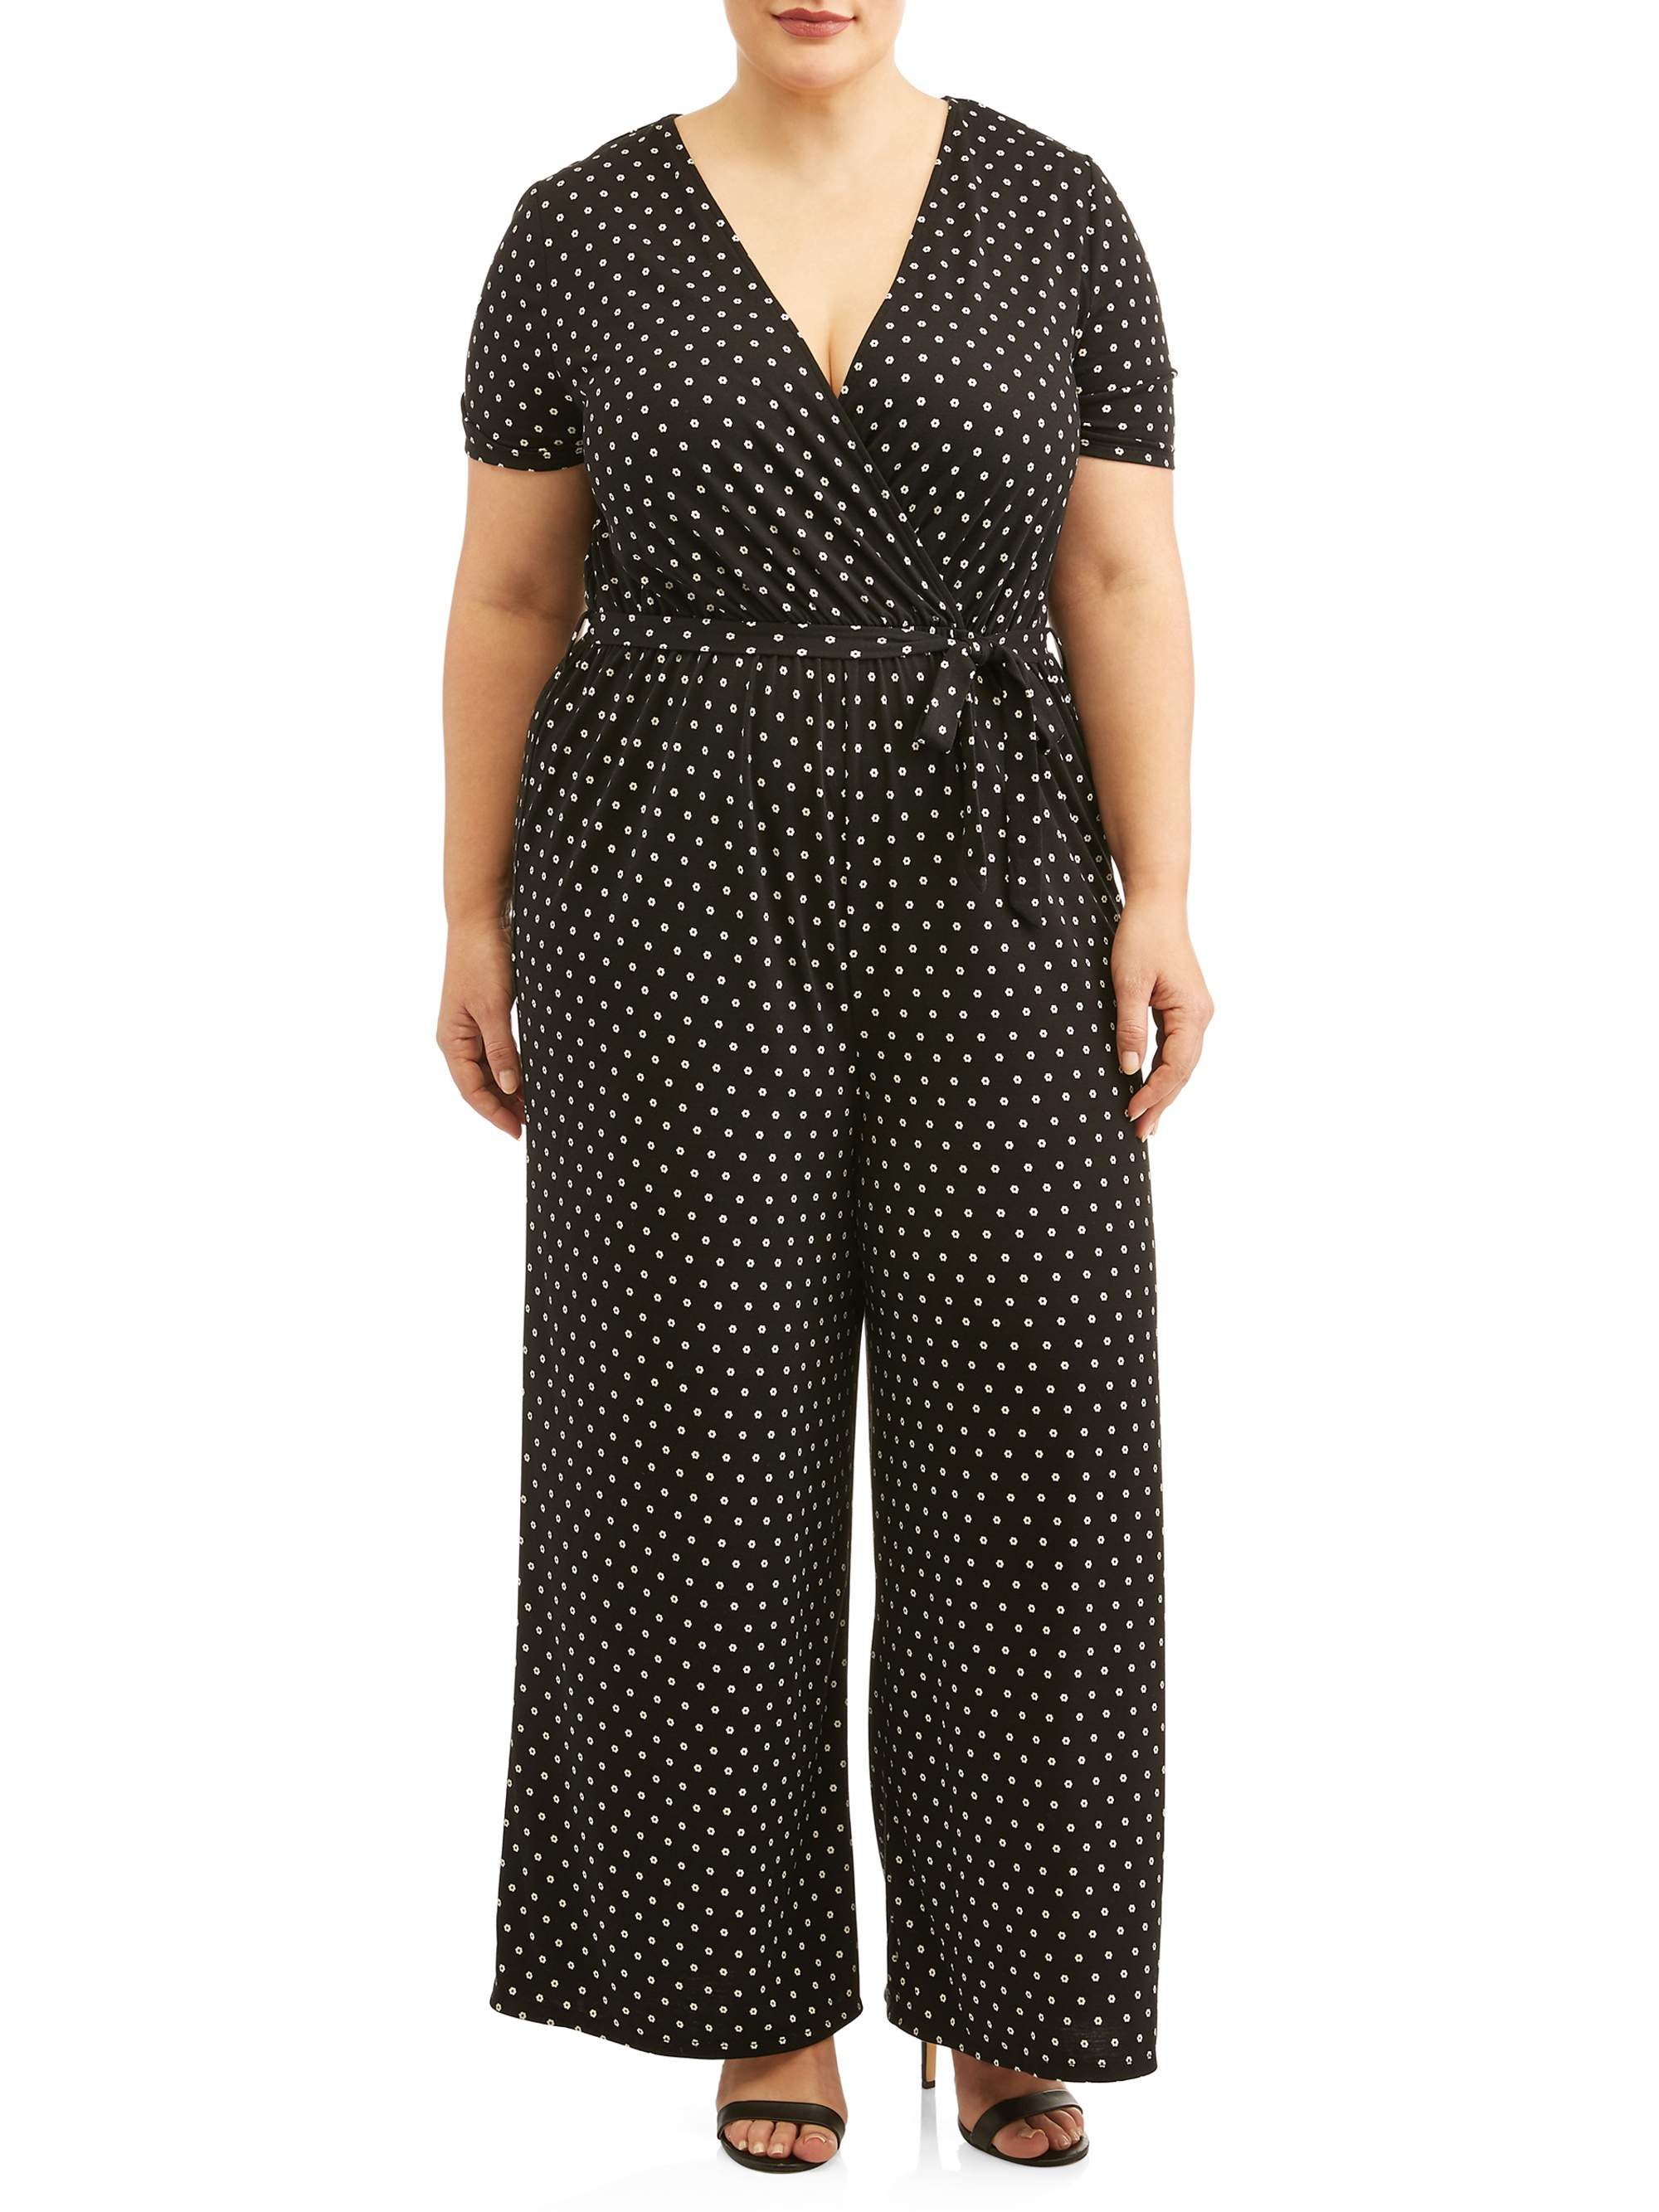 b49a0814a70 Concepts - Women s Plus Size Short Sleeve Knit Surplice Jumpsuit -  Walmart.com